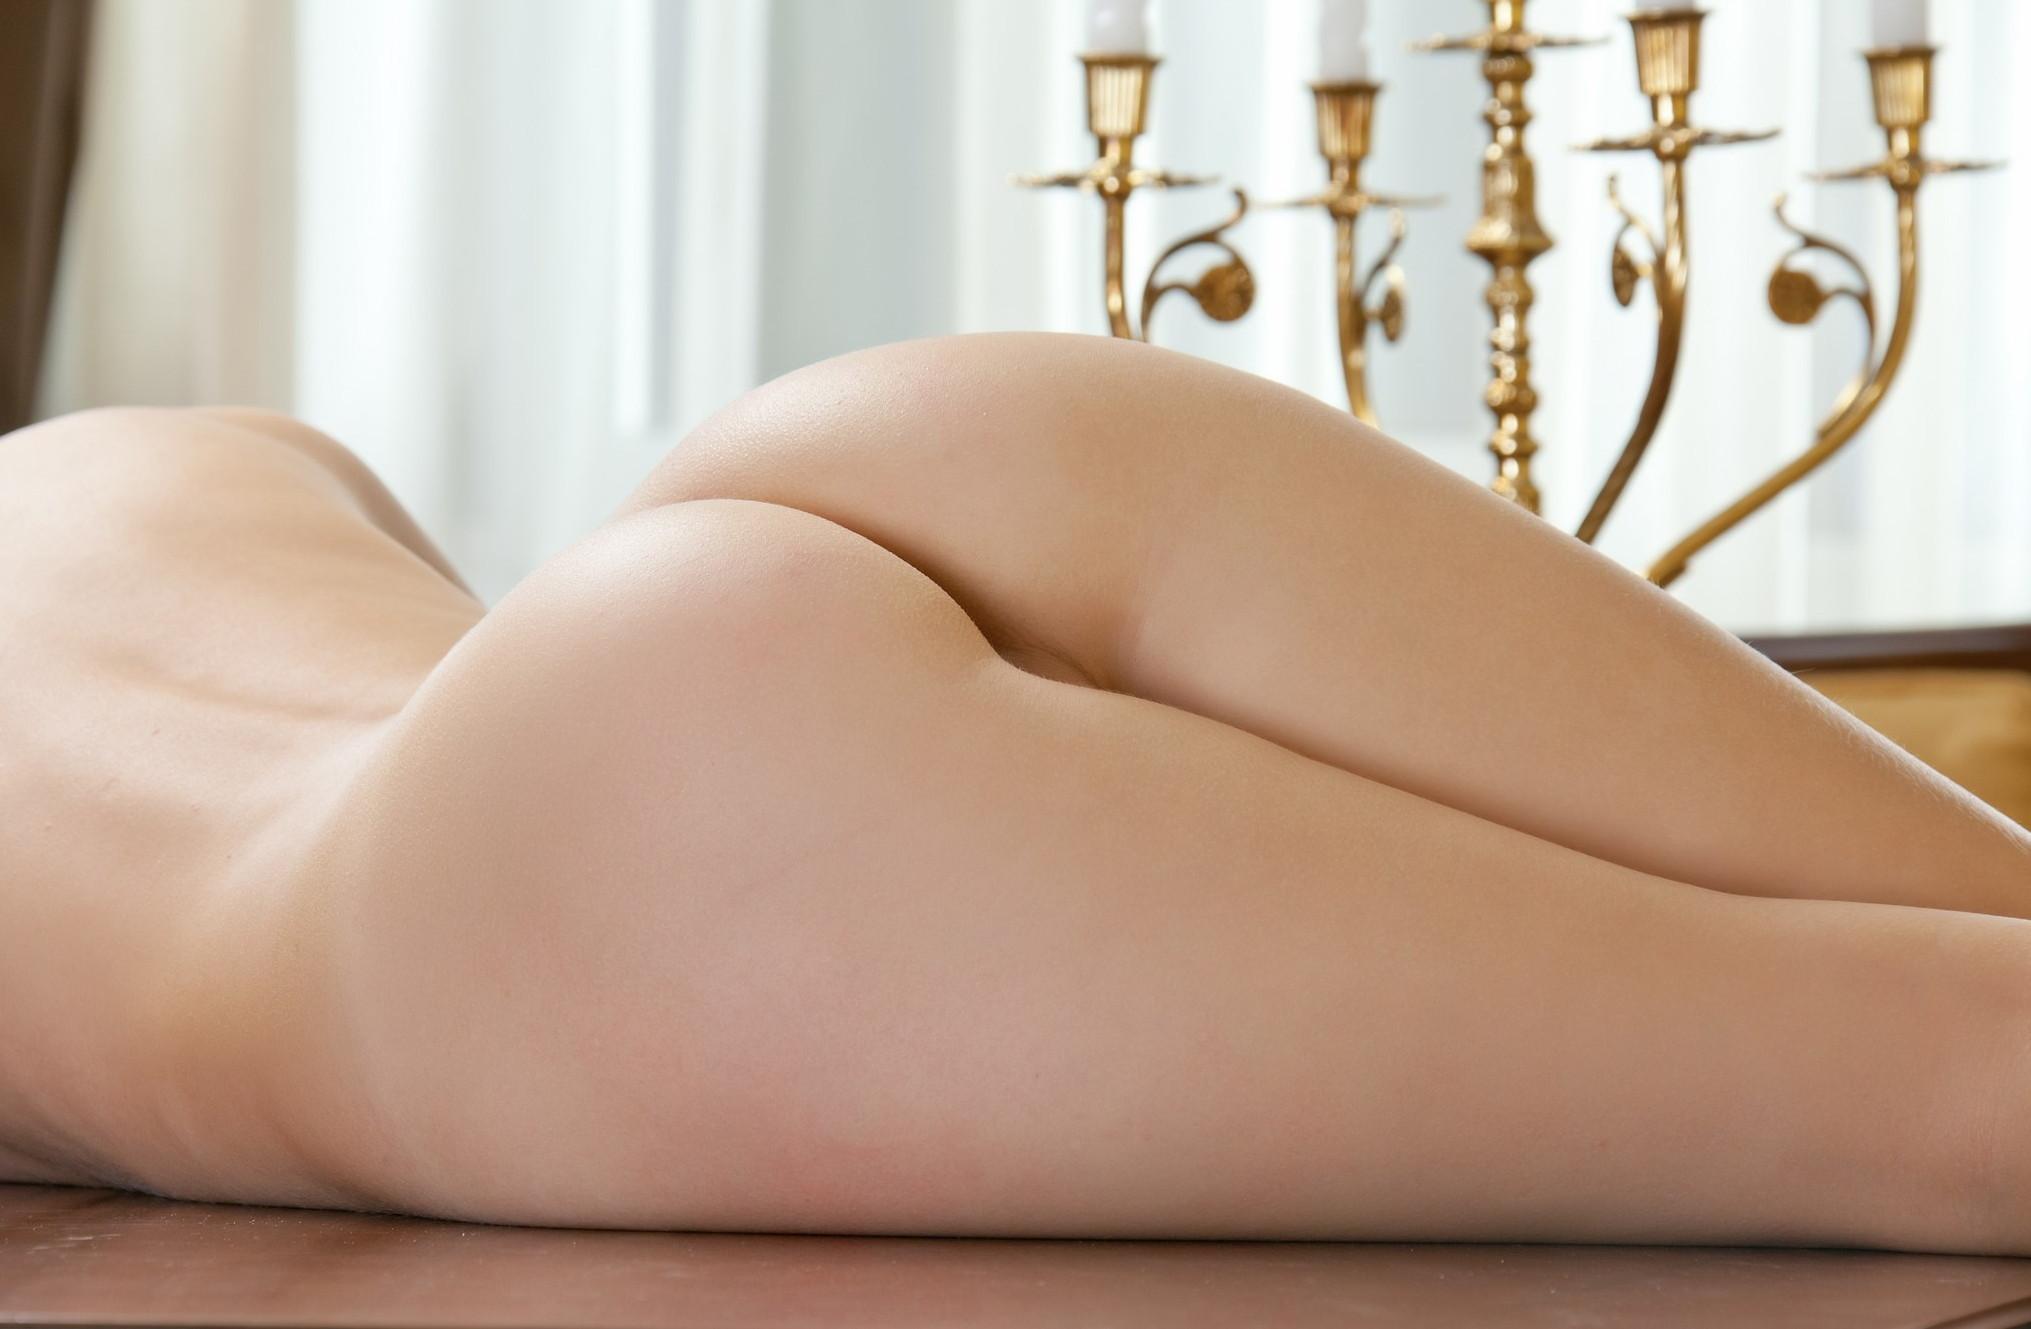 【美尻エロ画像】寝転ぶから卑猥さの増したムッチリ寝尻を舐めるように観察www 08